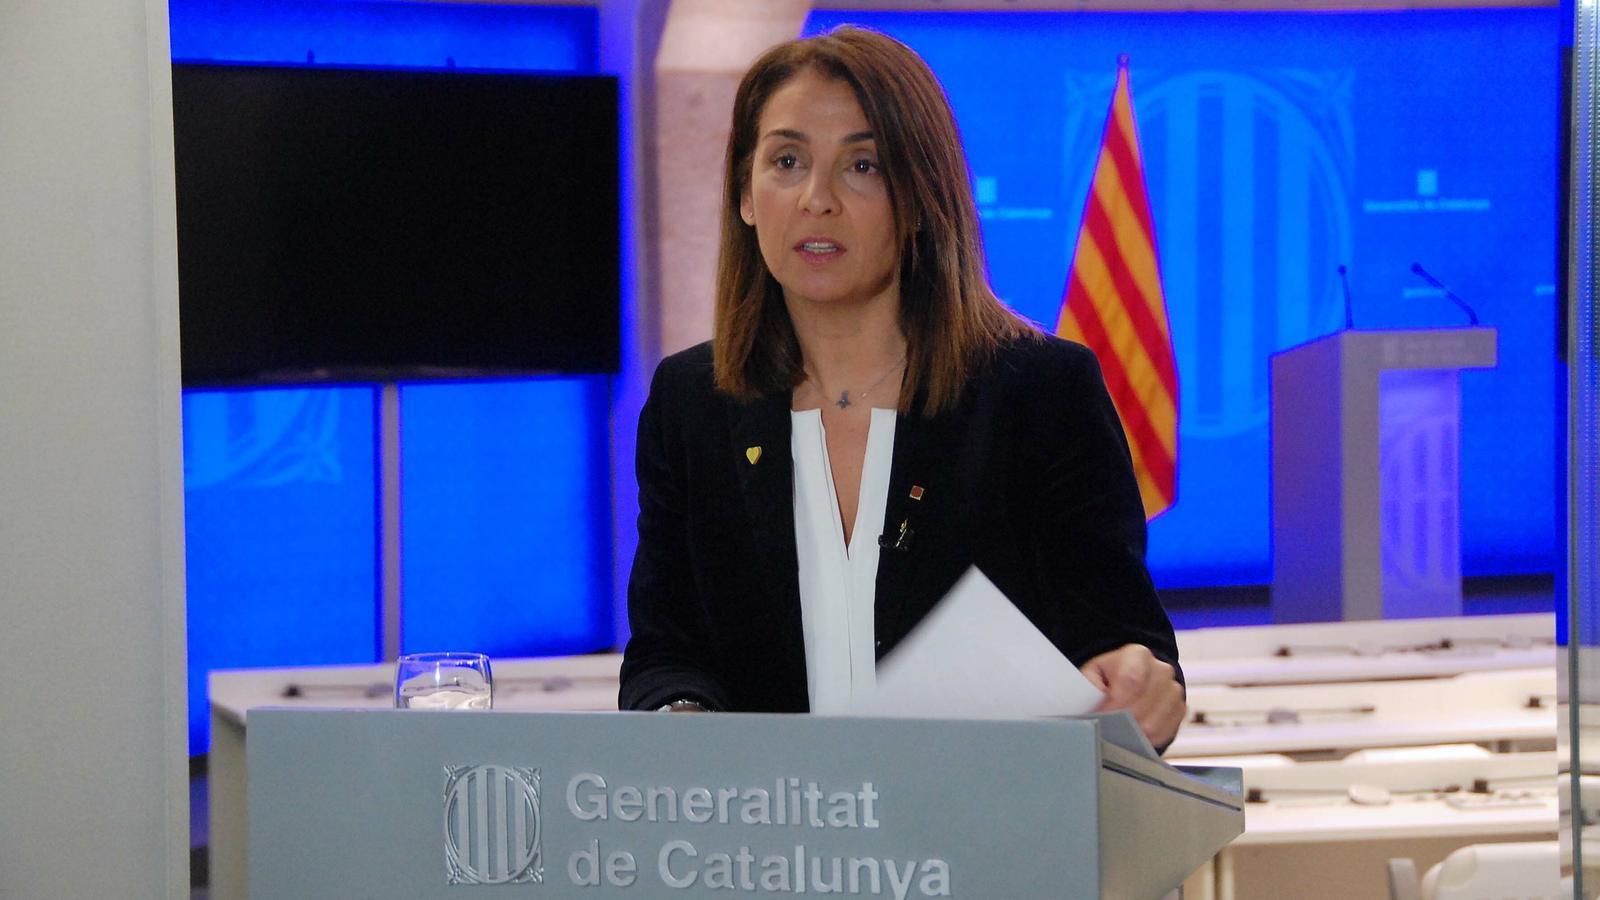 La portaveu del Govern, Meritxell Budó, durant la compareixença d'aquest dilluns.